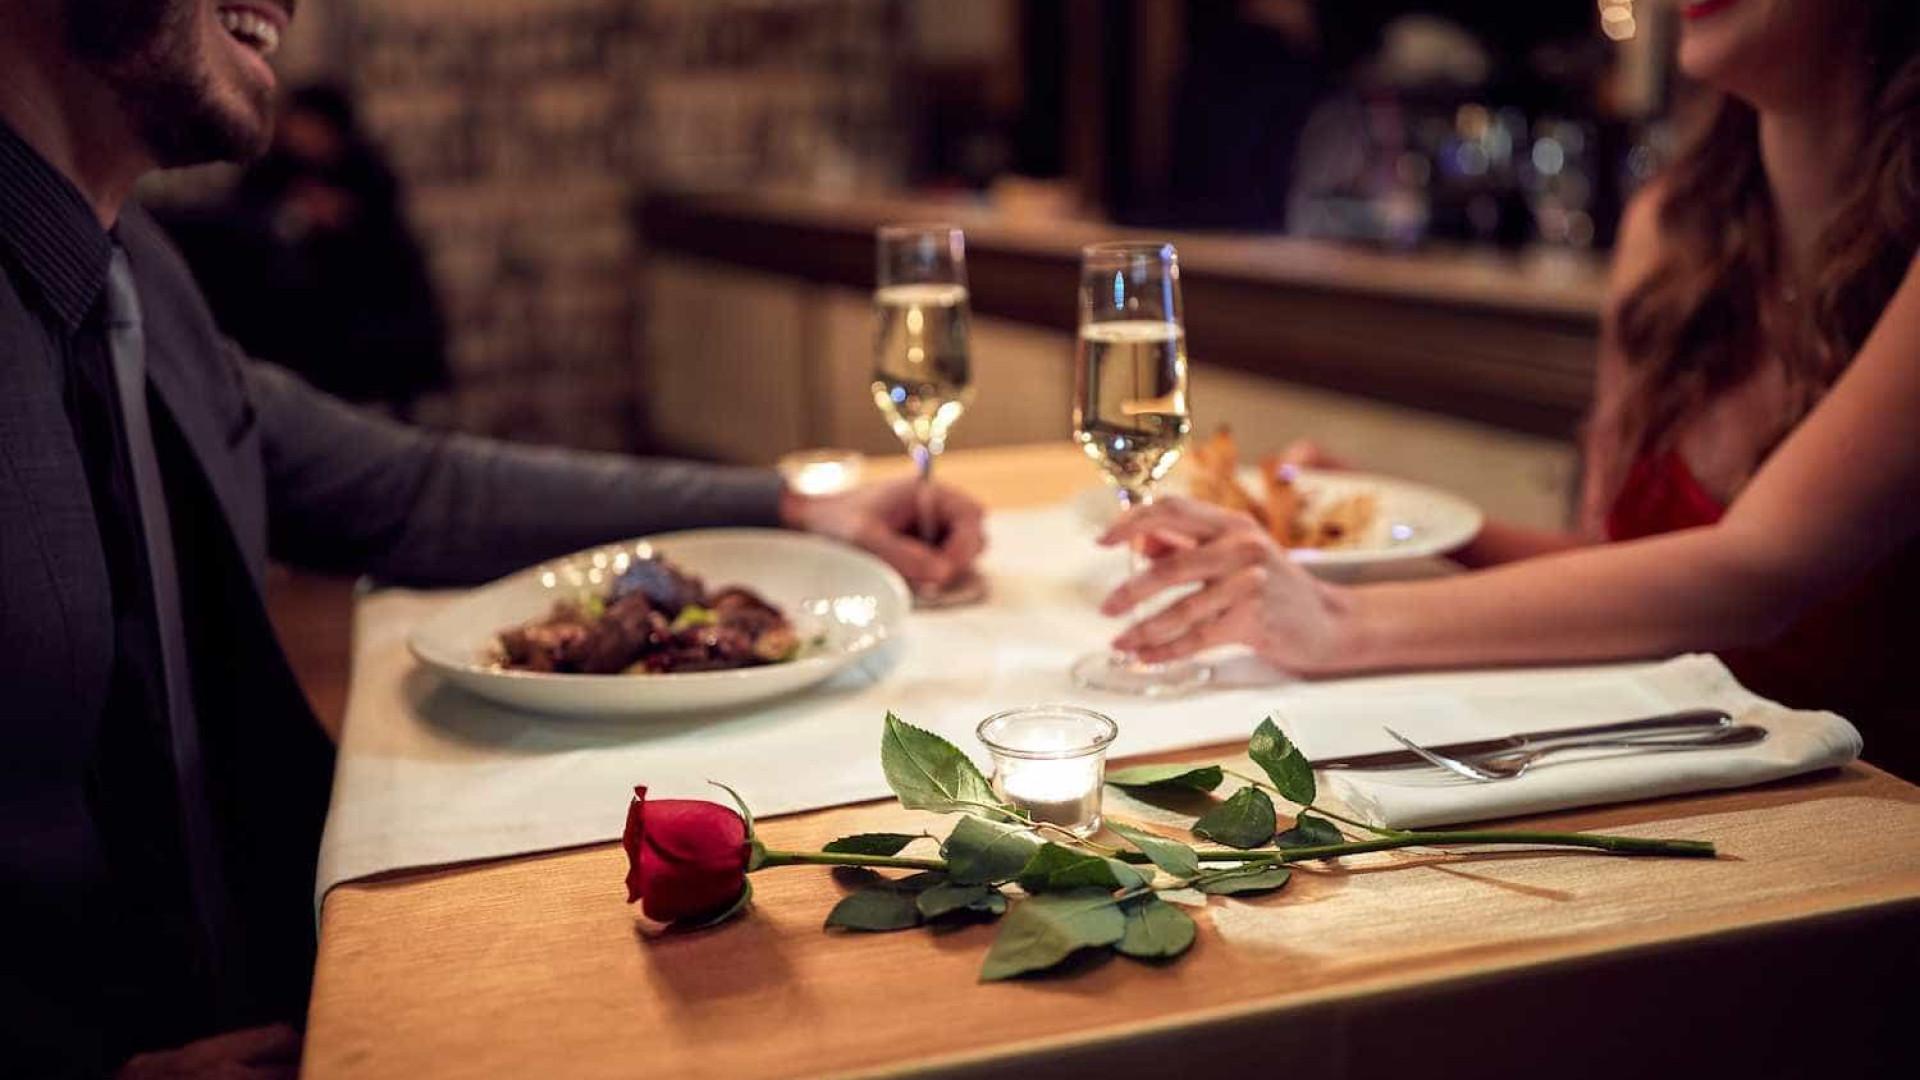 Vendas do Dia dos Namorados podem crescer até 5%, estima pesquisa